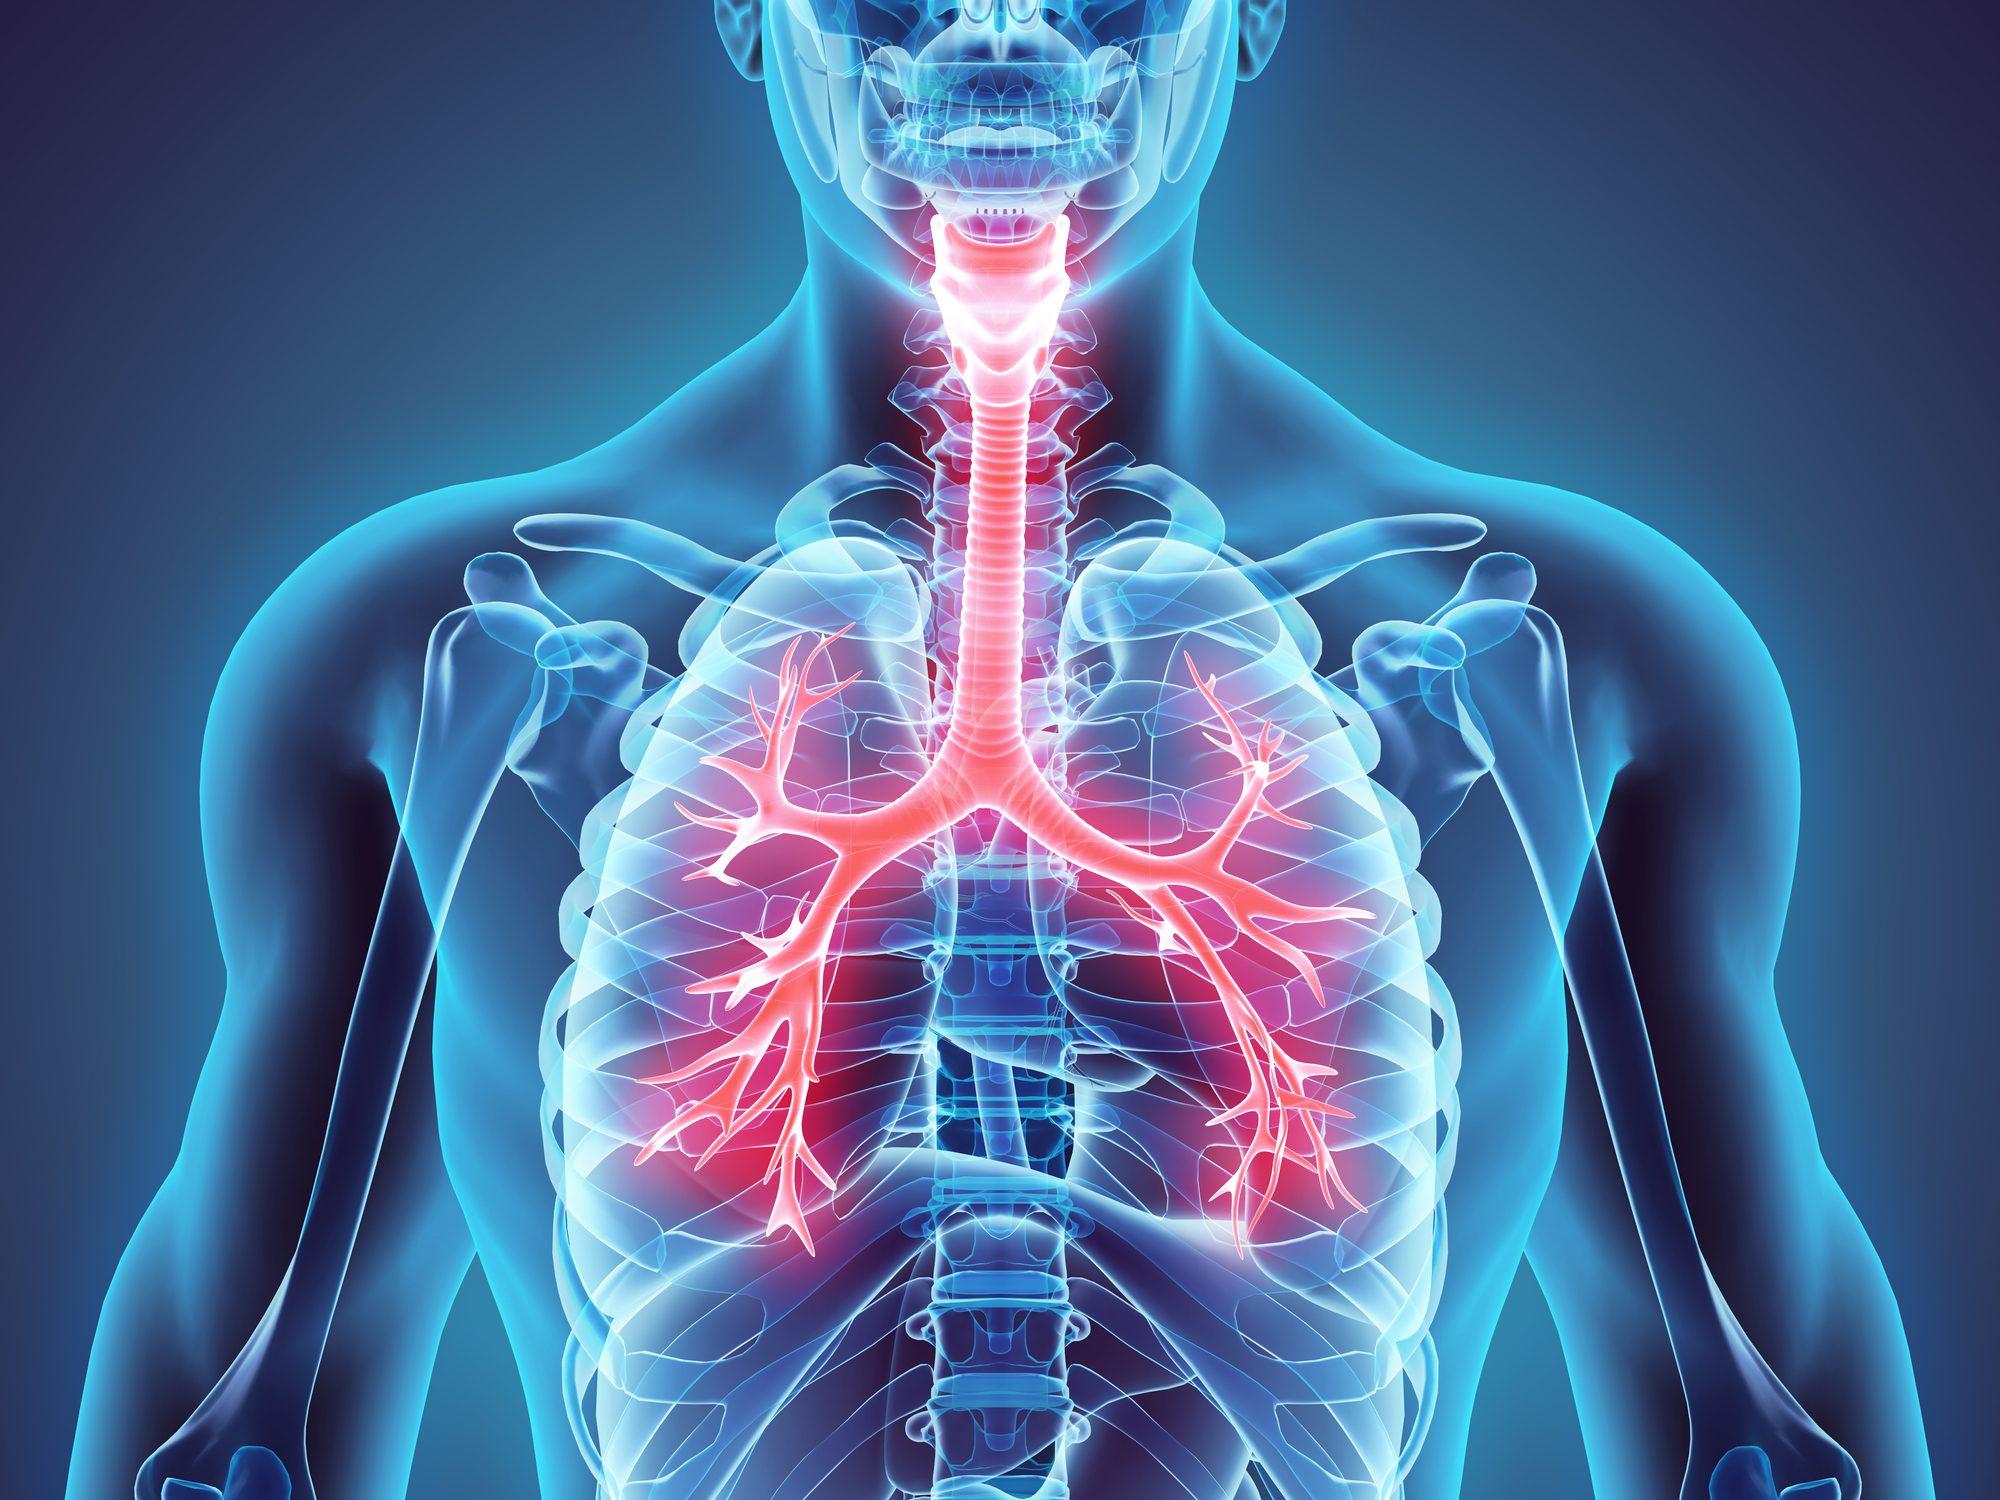 Malattia infiammatoria pelvica (PID)